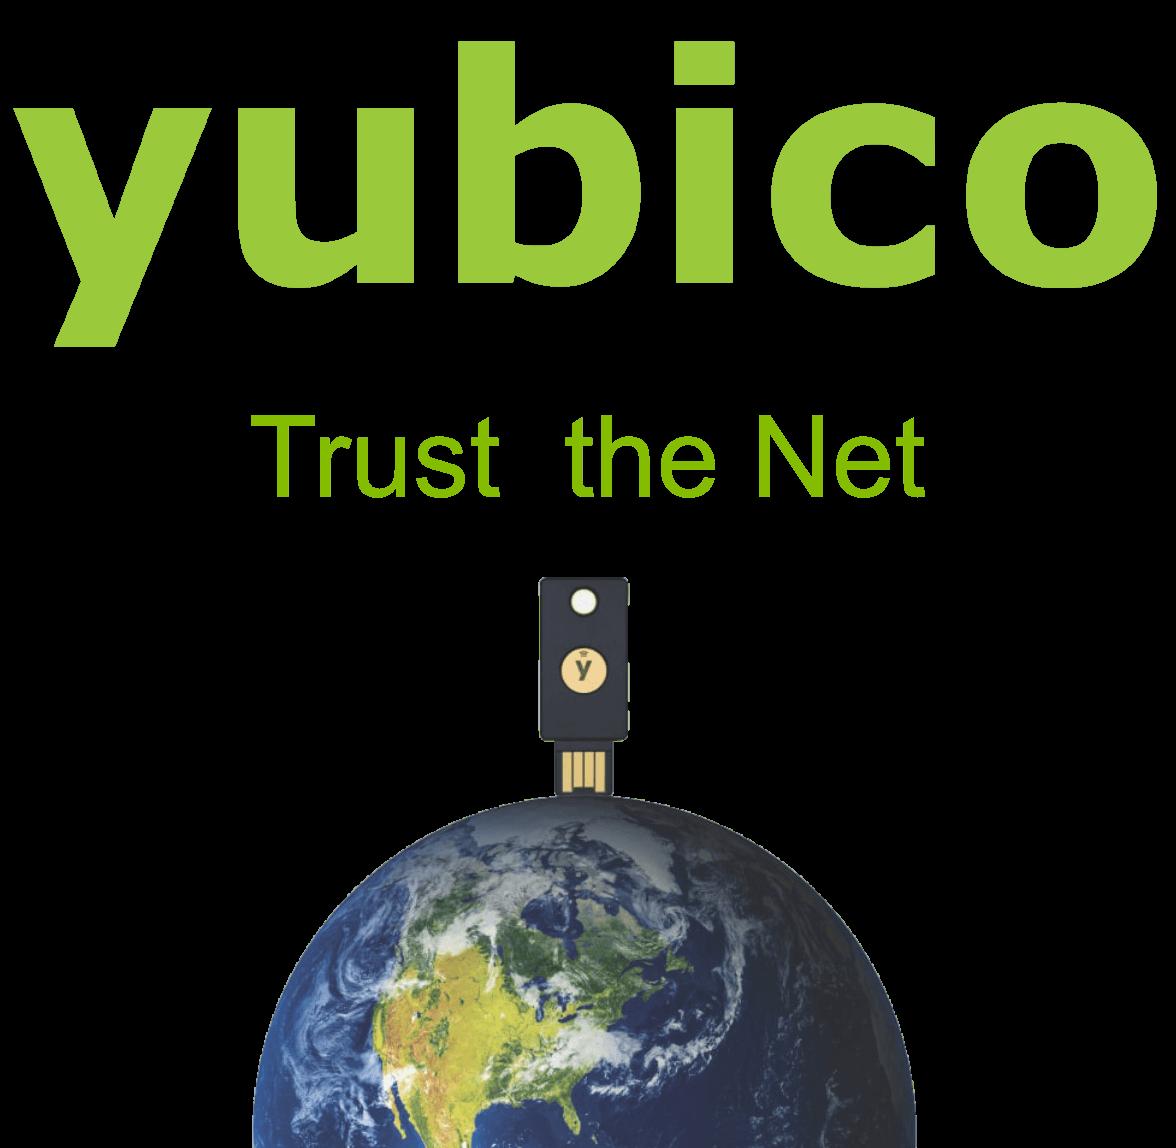 Yubico YubiKeys Κλειδιά ασφαλείας